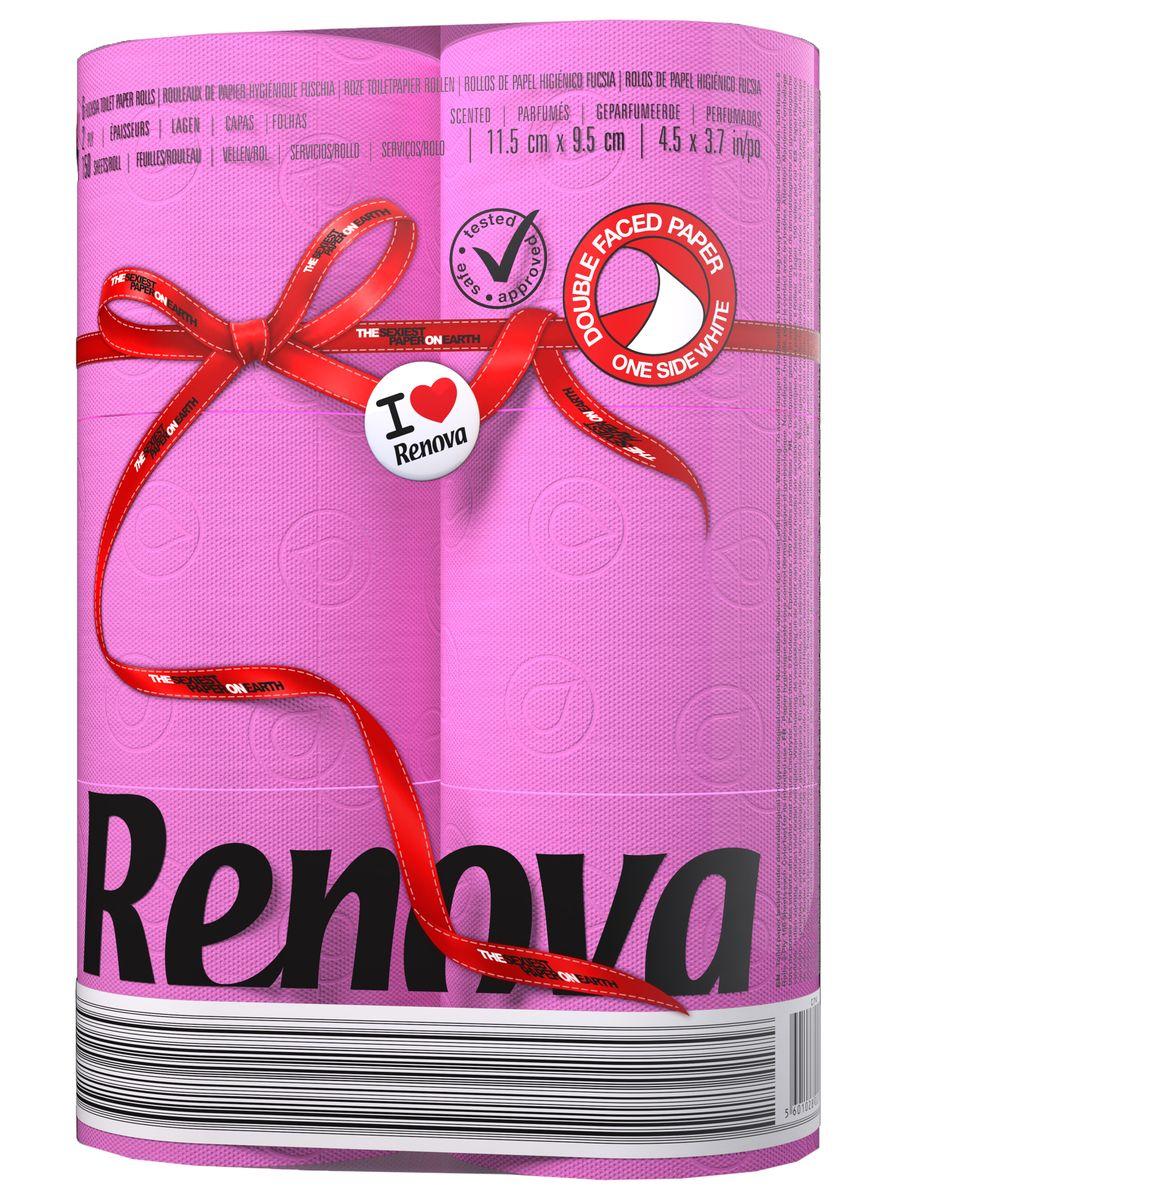 Туалетная бумага Renova, двухслойная, ароматизированная, цвет: фуксия, 6 рулоновKOC2028LEDТуалетная бумага Renova изготовлена по новейшей технологии из 100% ароматизированной целлюлозы, благодаря чему она имеет тонкий аромат, очень мягкая, нежная, но в тоже время прочная. Эксклюзивная двухсторонняя туалетная бумага Renova  экстрамодного цвета, придаст вашему туалету оригинальность.Состав: 100% ароматизированная целлюлоза. Количество листов: 150 шт.Количество слоев: 2.Размер листа: 11,5 см х 9,5 см.Количество рулонов: 6 шт.Португальская компания Renova является ведущим разработчиком новейших технологий производства, нового стиля и направления на рынке гигиенической продукции. Современный дизайн и высочайшее качество, дерматологический контроль - это то, что выделяет компанию Renova среди других производителей бумажной санитарно-гигиенической продукции.